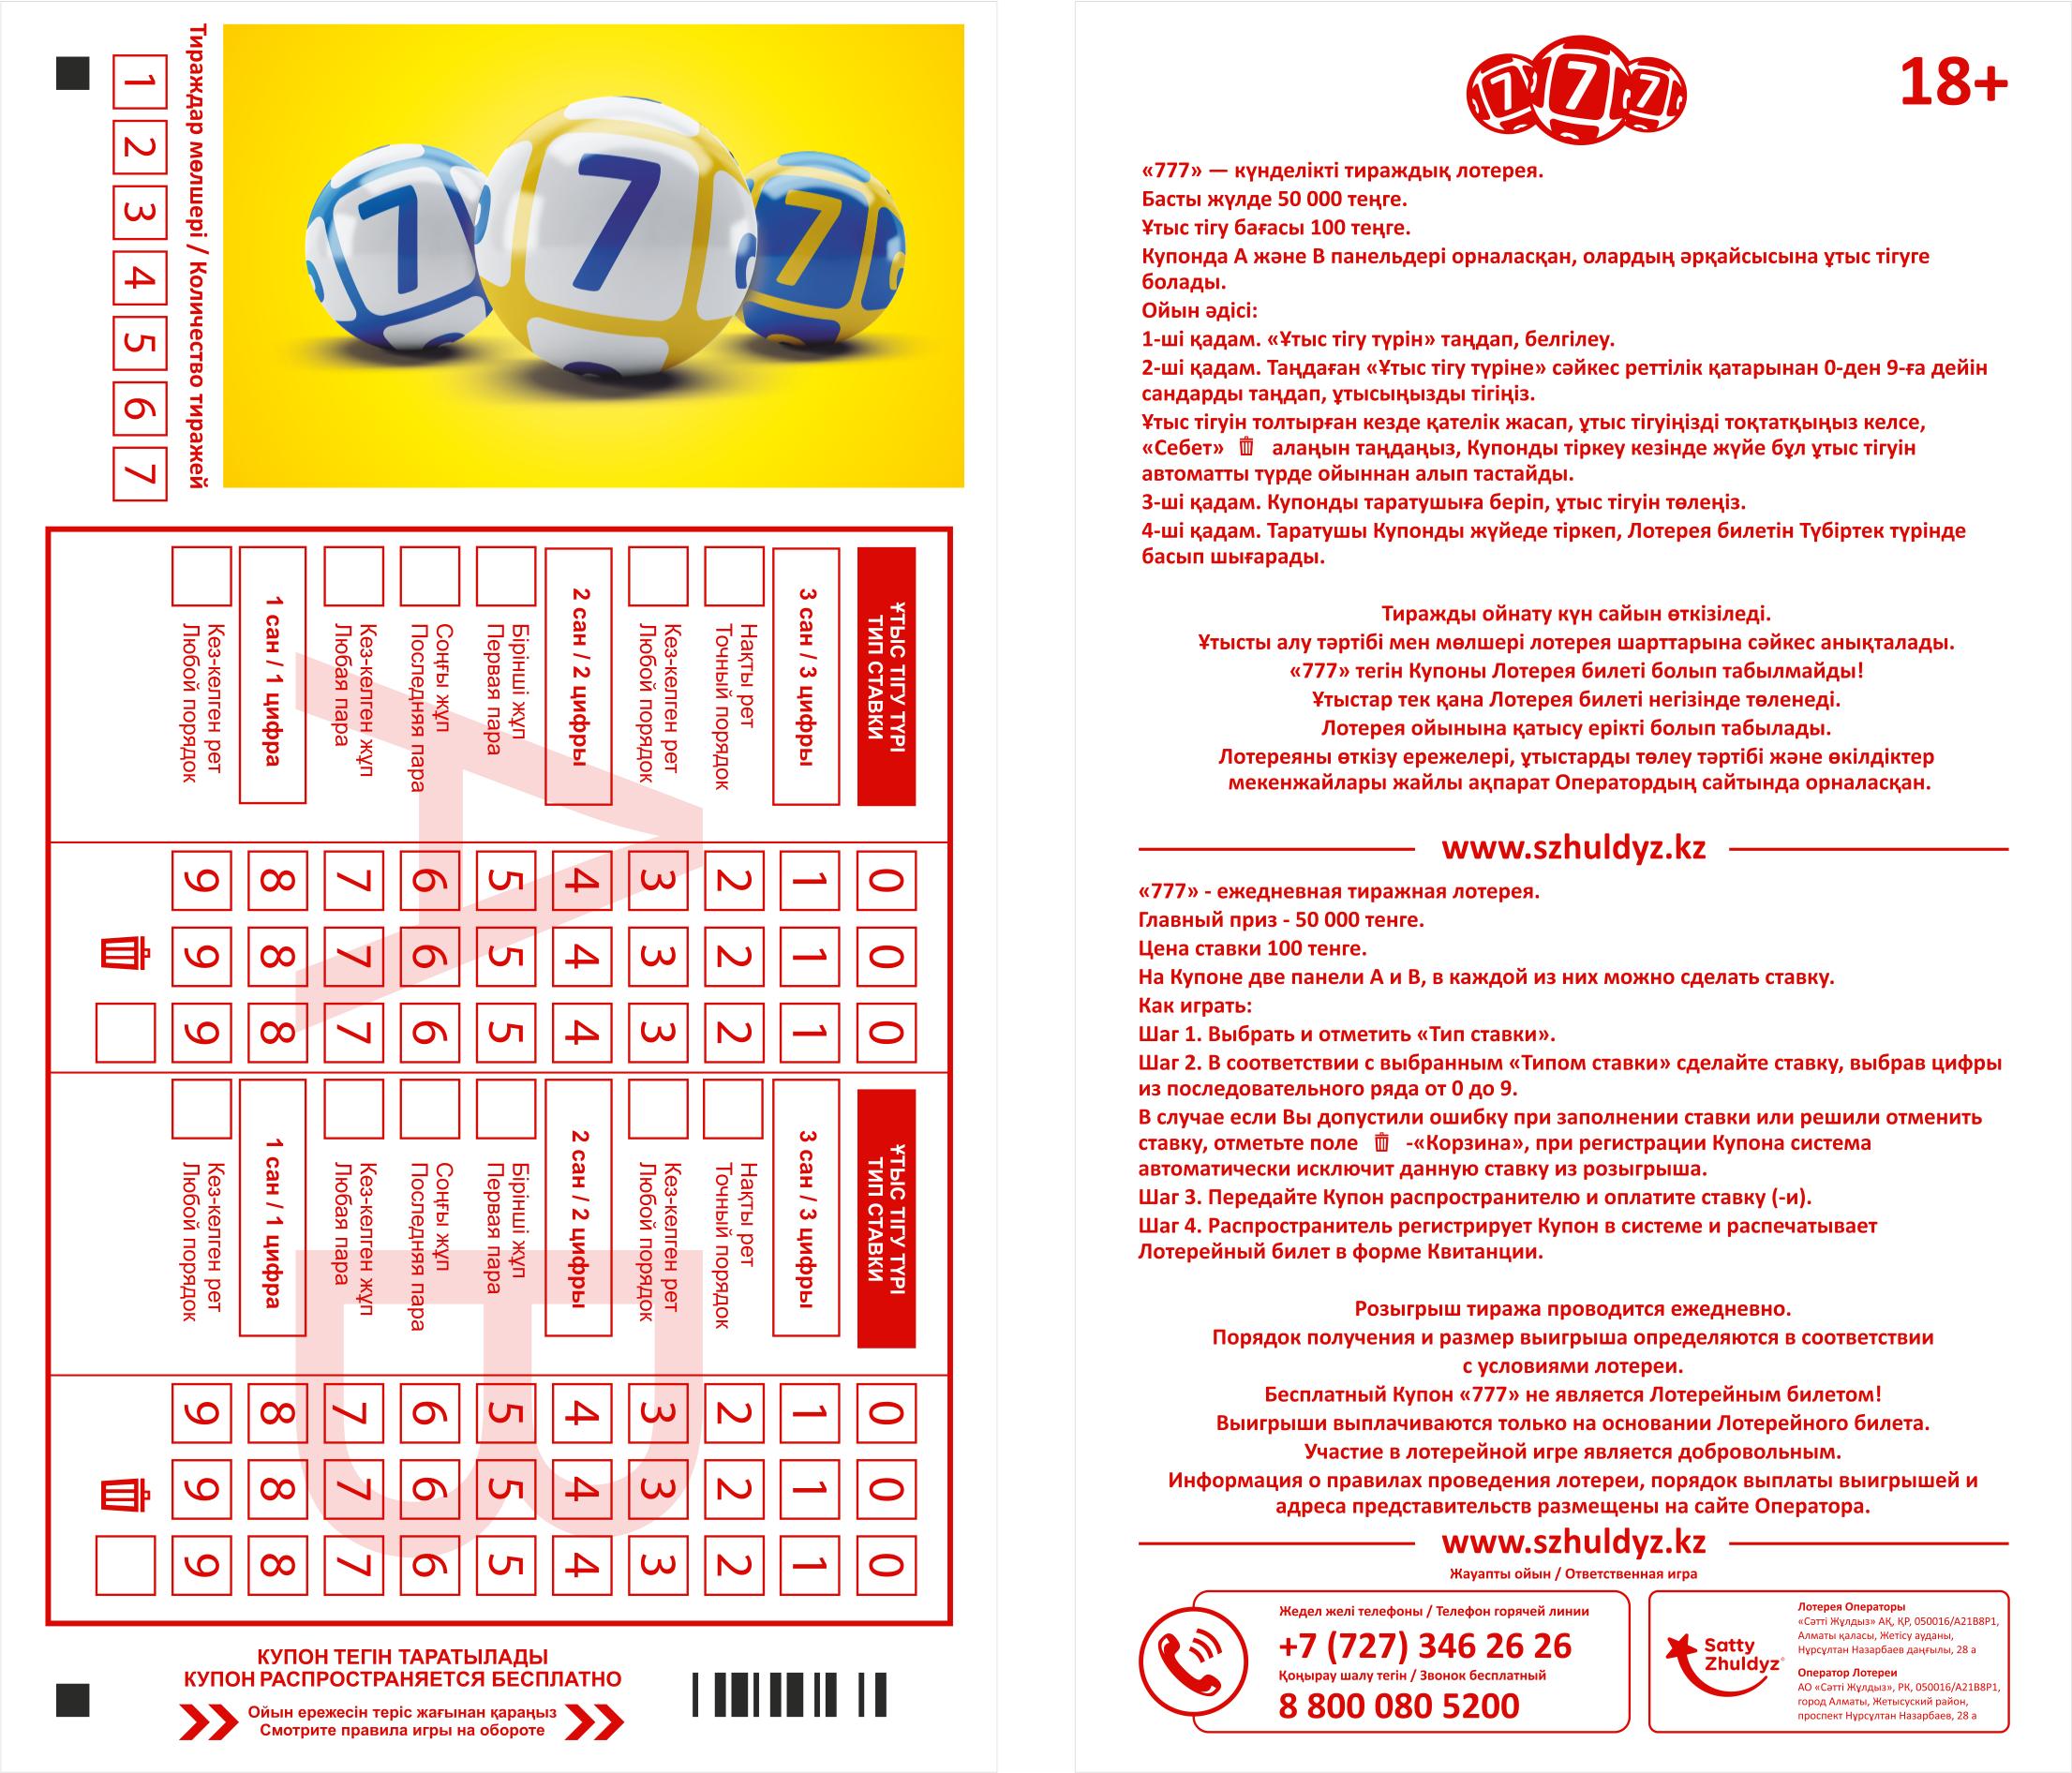 Билет лотереи ТВ Бинго